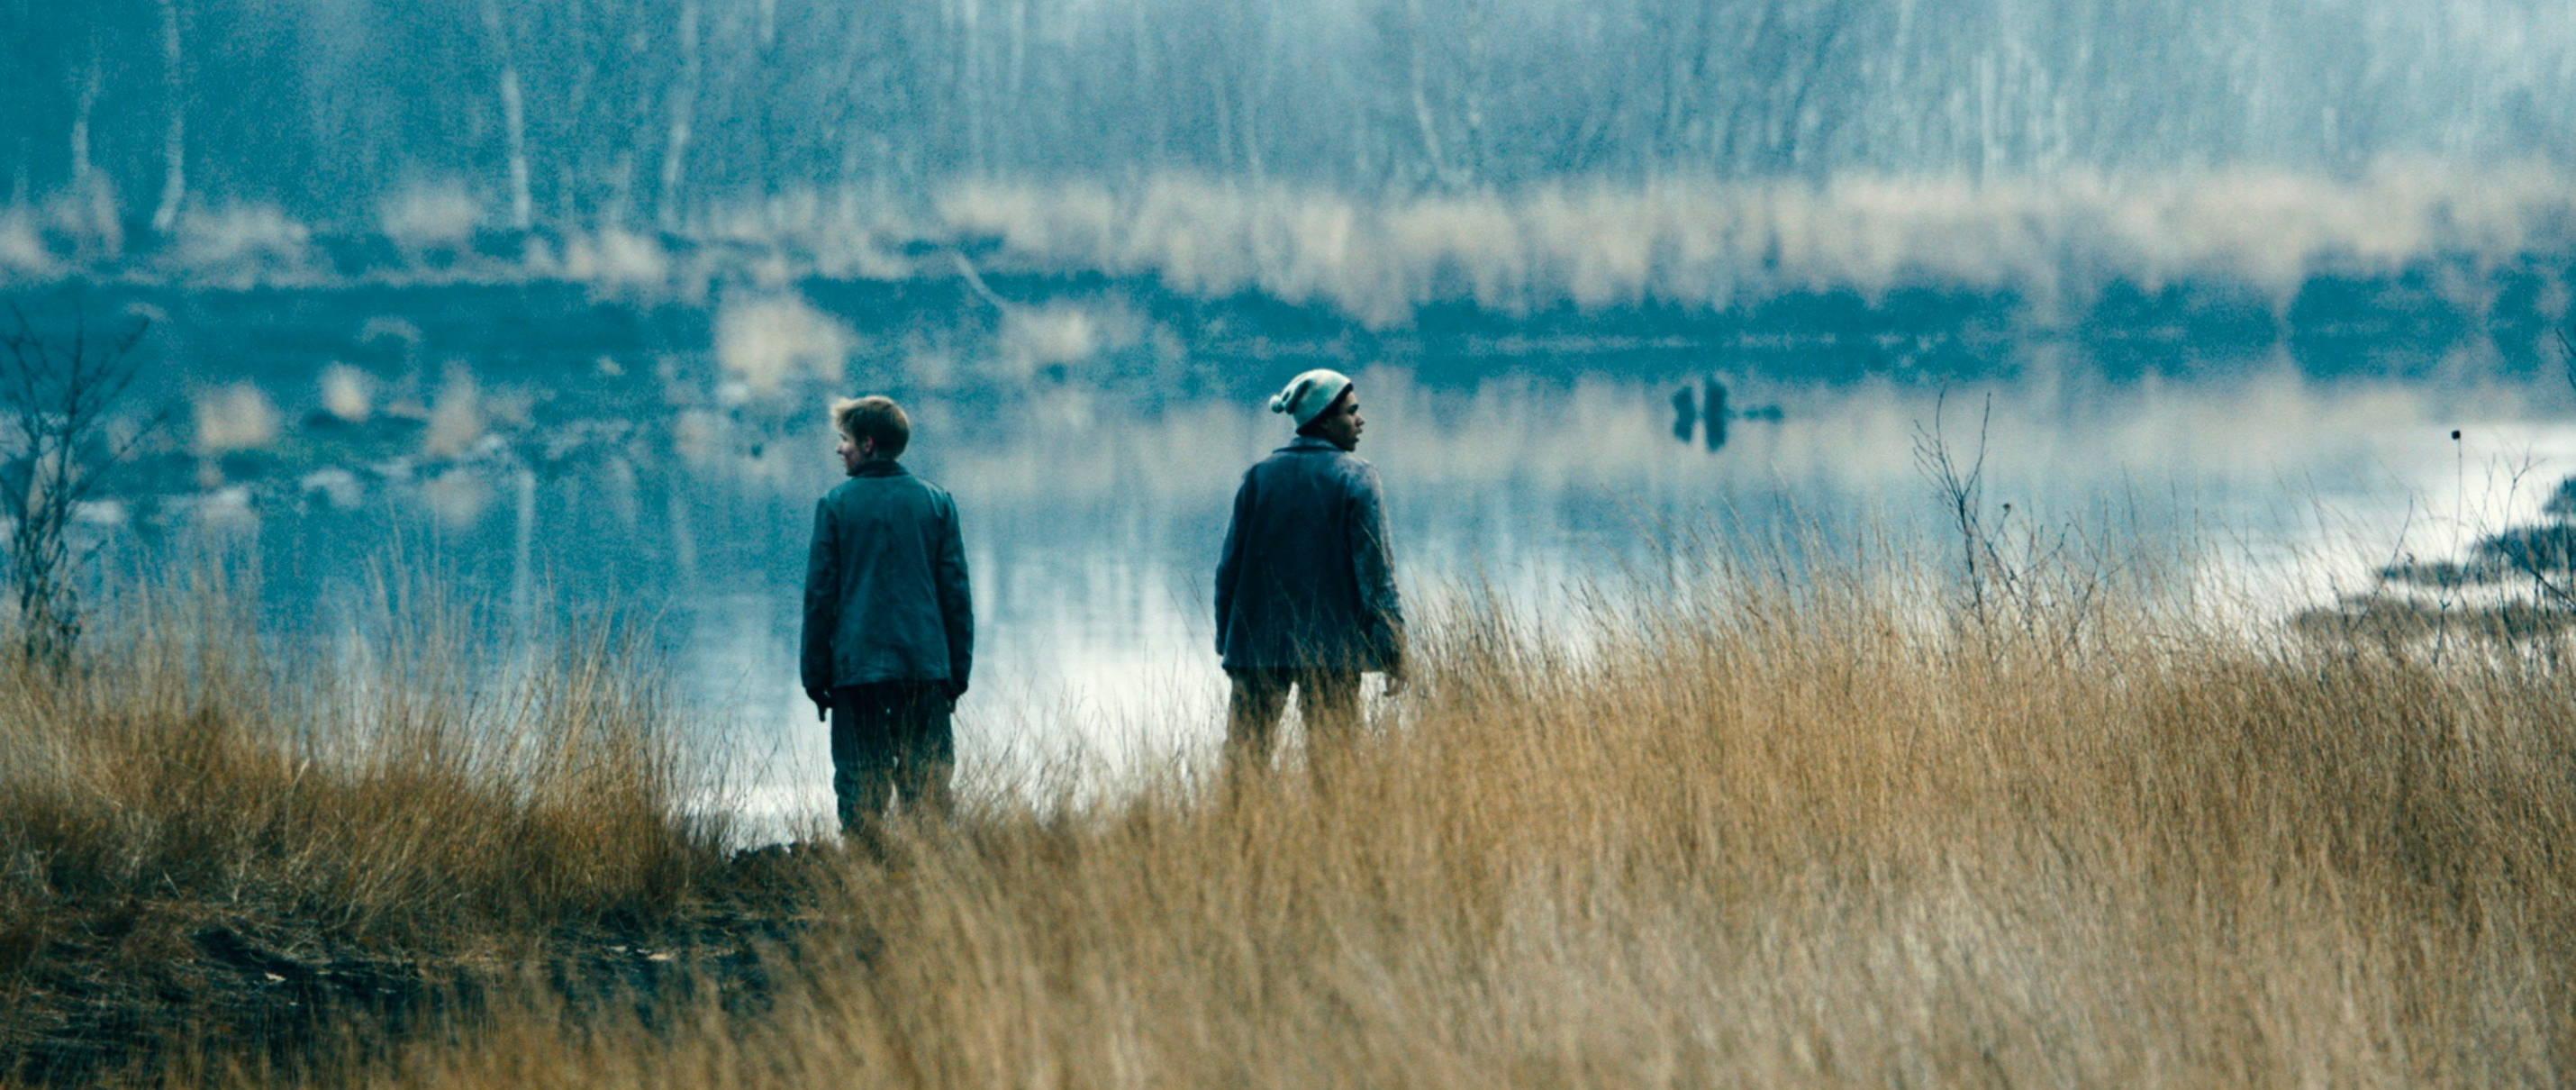 Freistatt Sanctuary - Wolfgang und Anton am Moor - Regie Marc Brummund - Kamera Judith Kaufmann